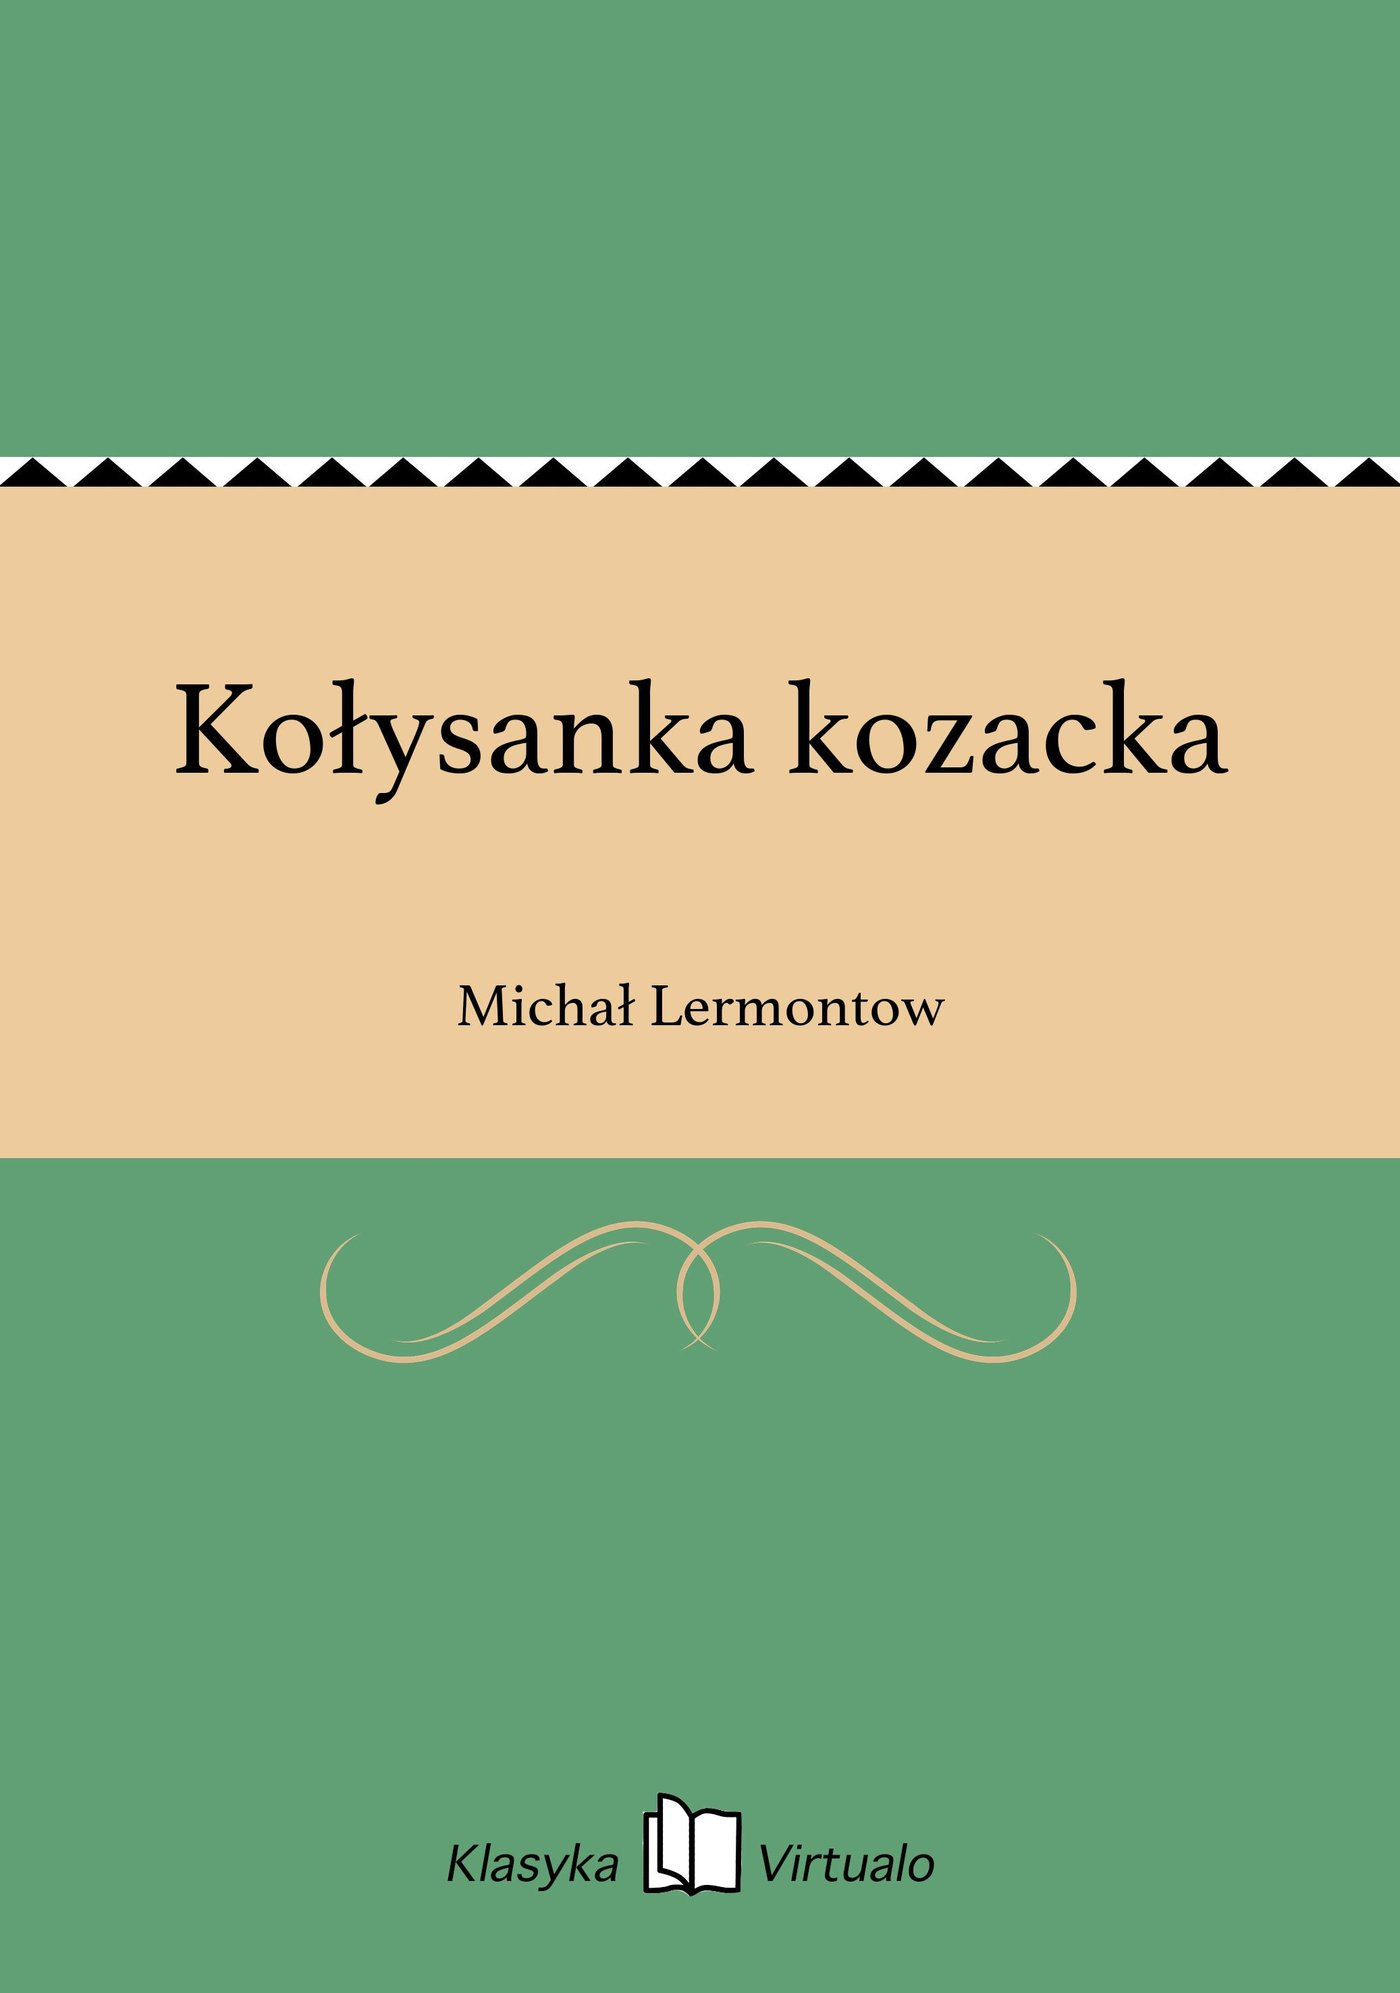 Kołysanka kozacka - Ebook (Książka EPUB) do pobrania w formacie EPUB